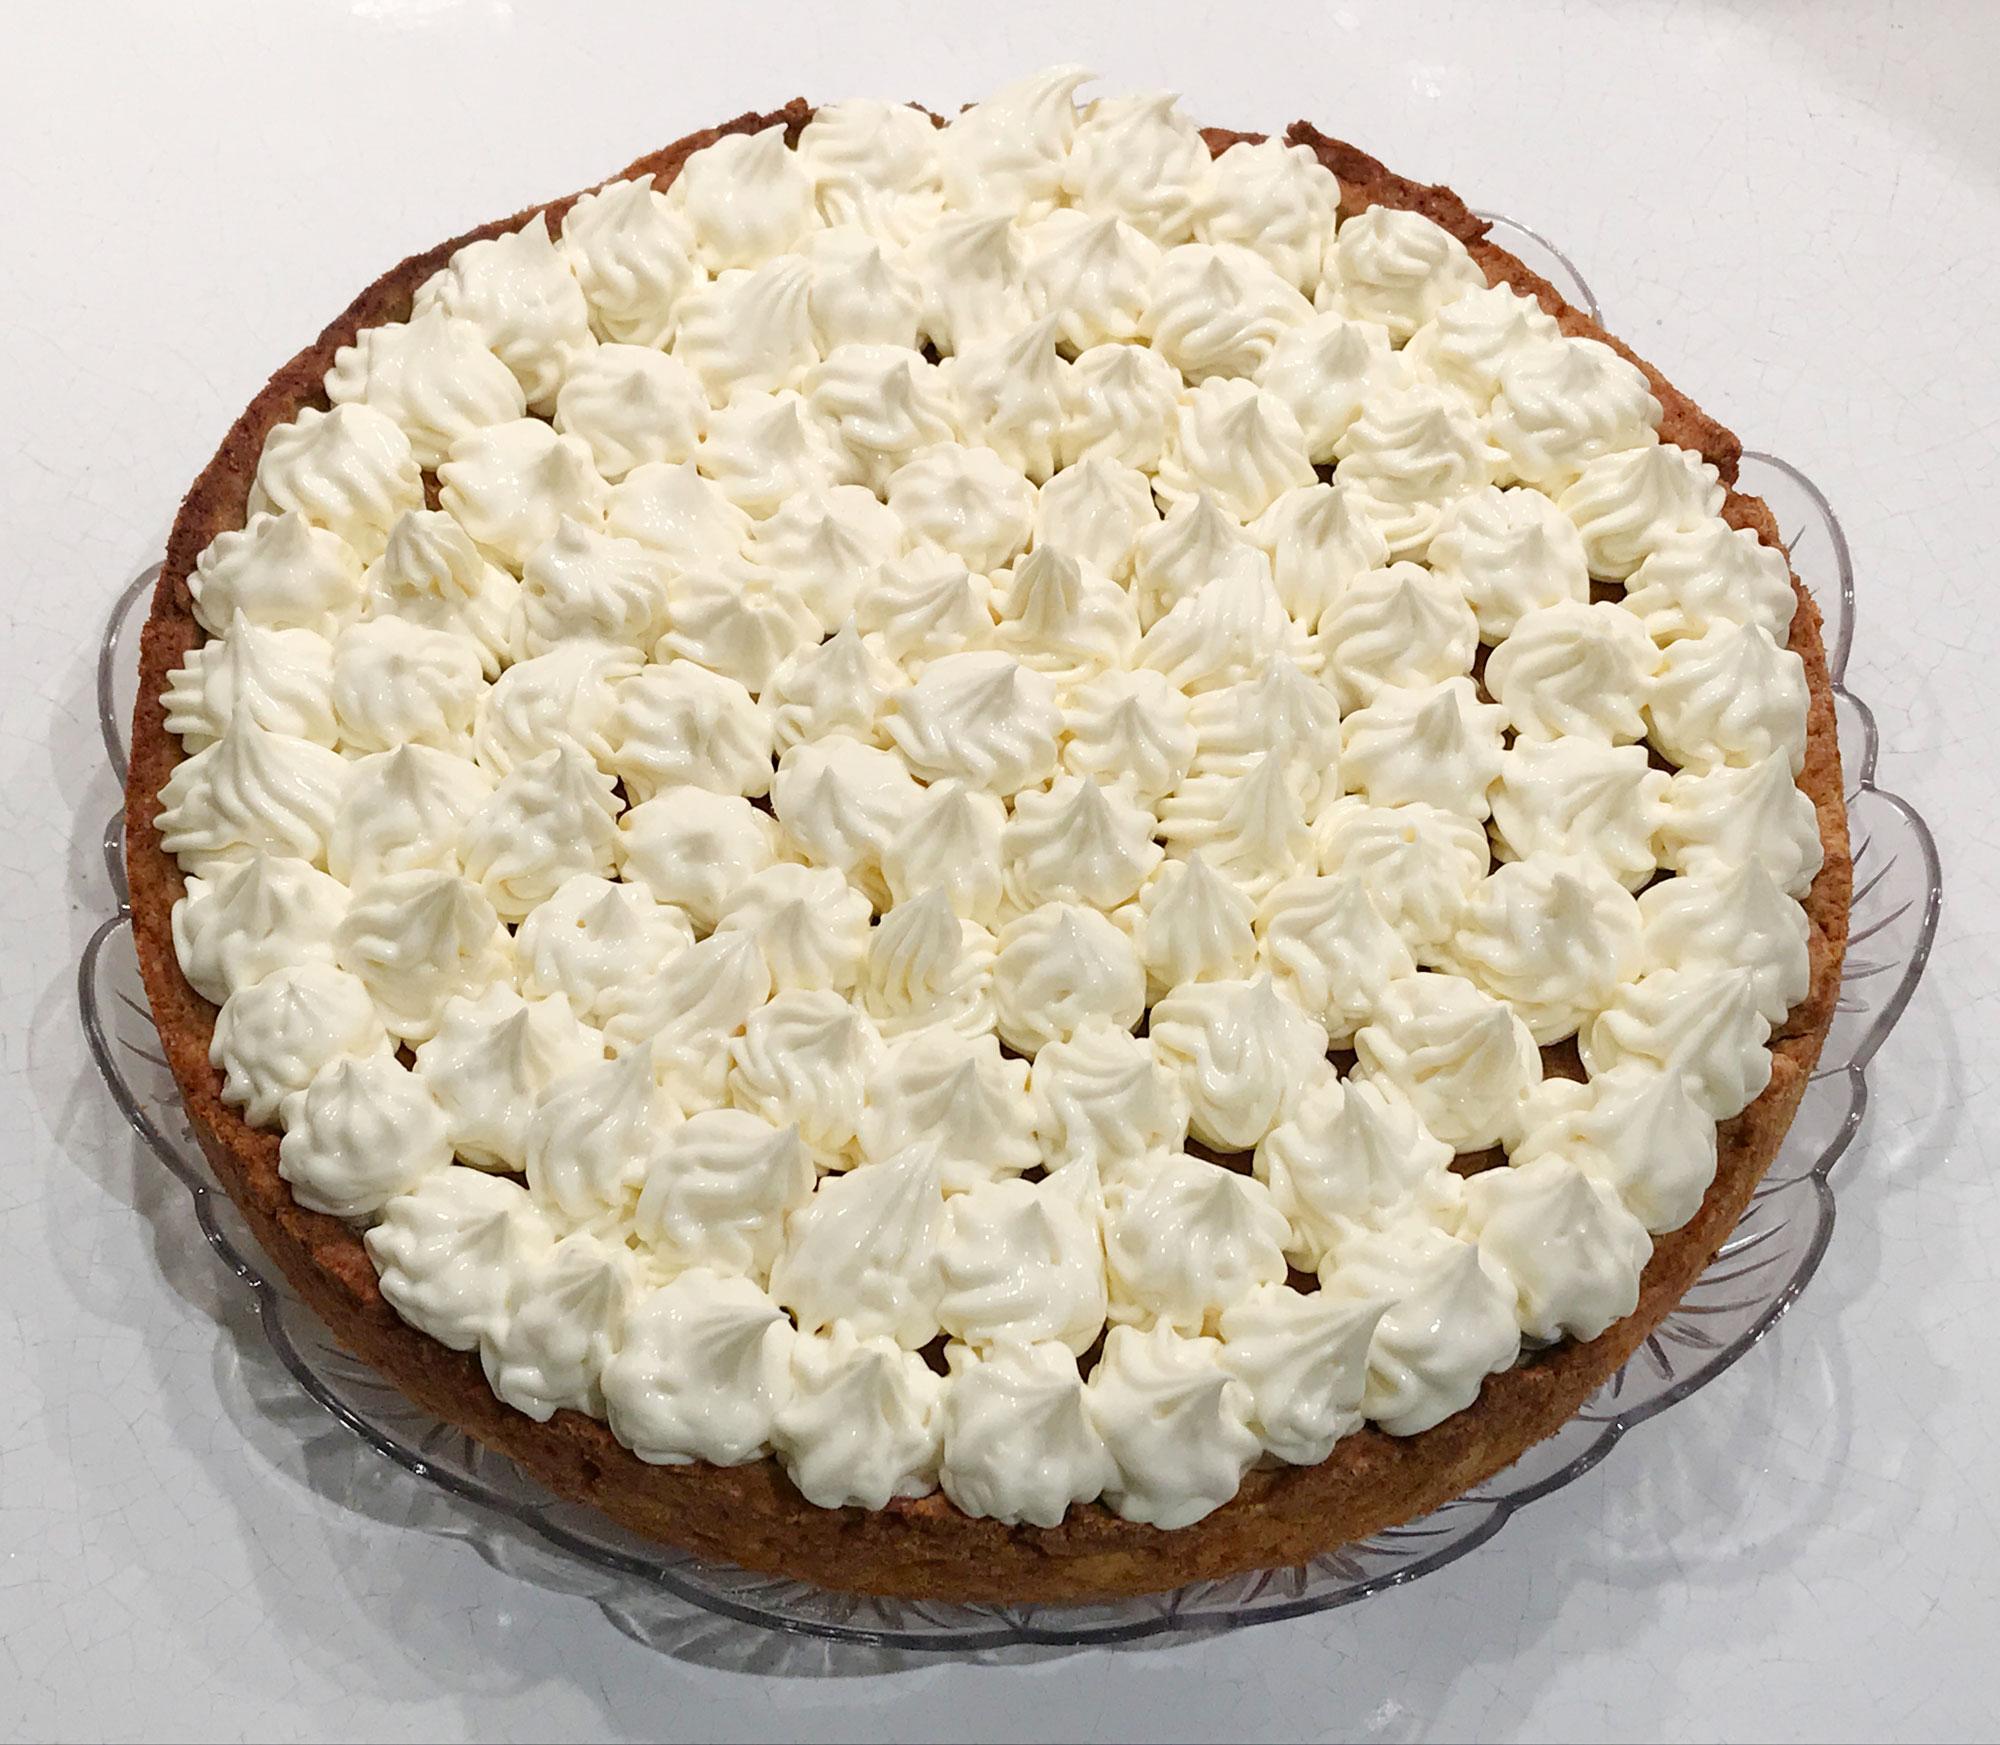 Torta Al Pistacchio Con Crema Di Limone More E Lamponi Dolce